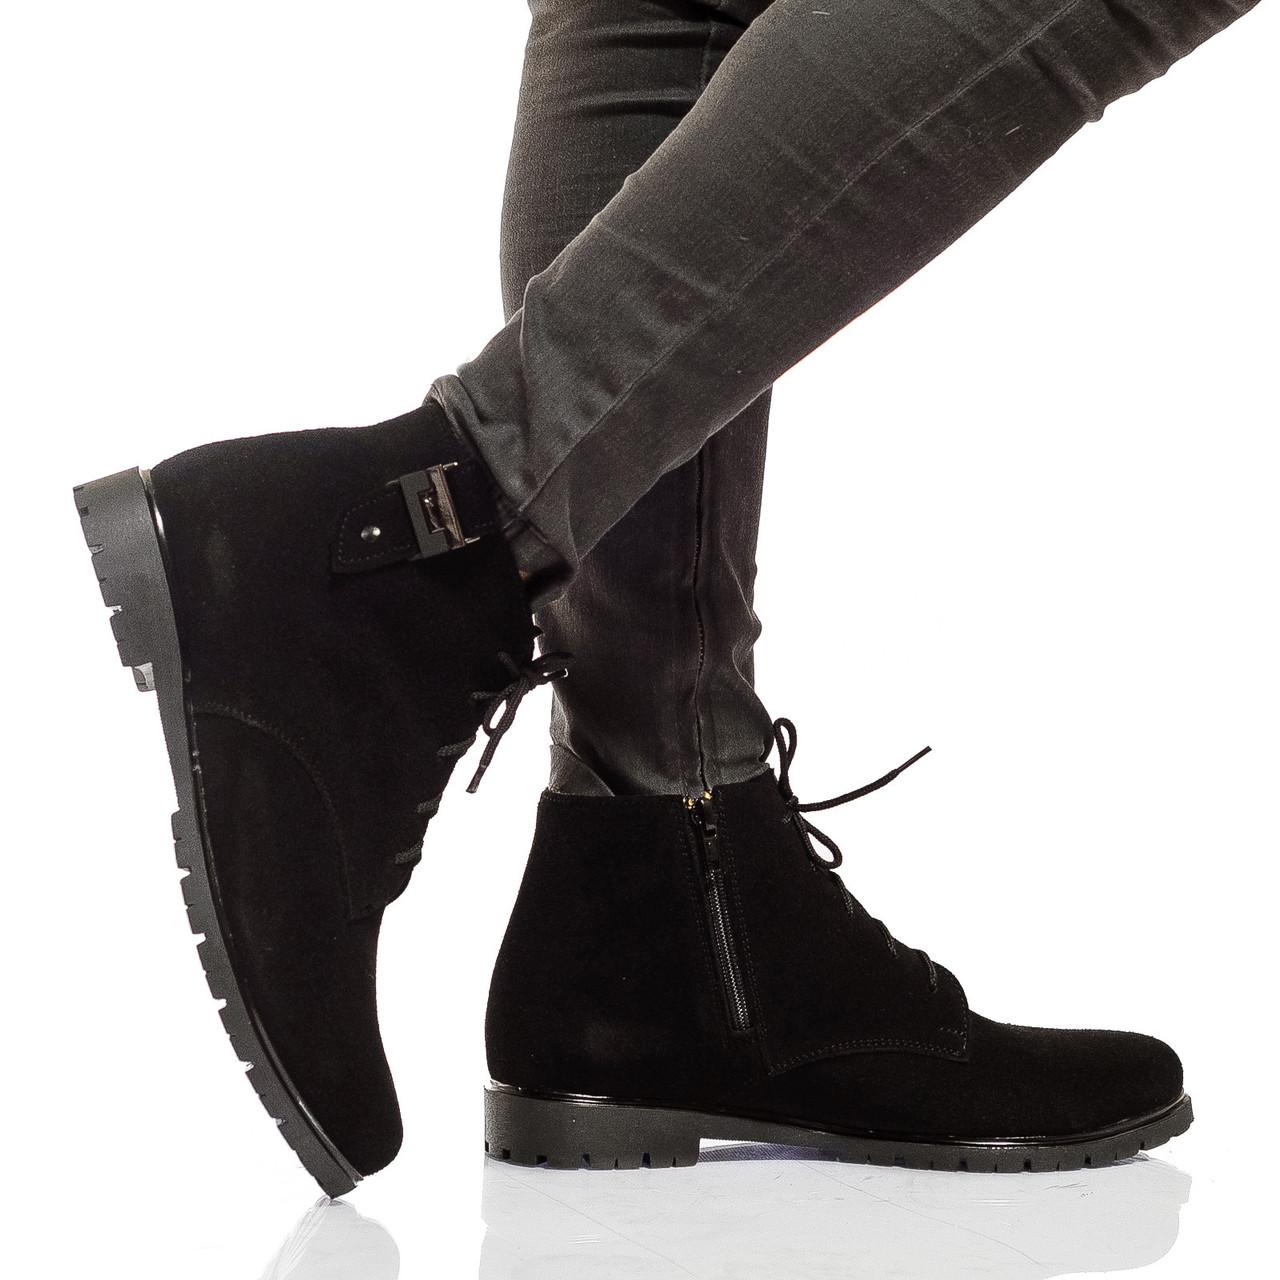 Ботинки на низком ходу, из натурального замша, на шнурках. Черный цвет! Размеры 36-41 модель S2113